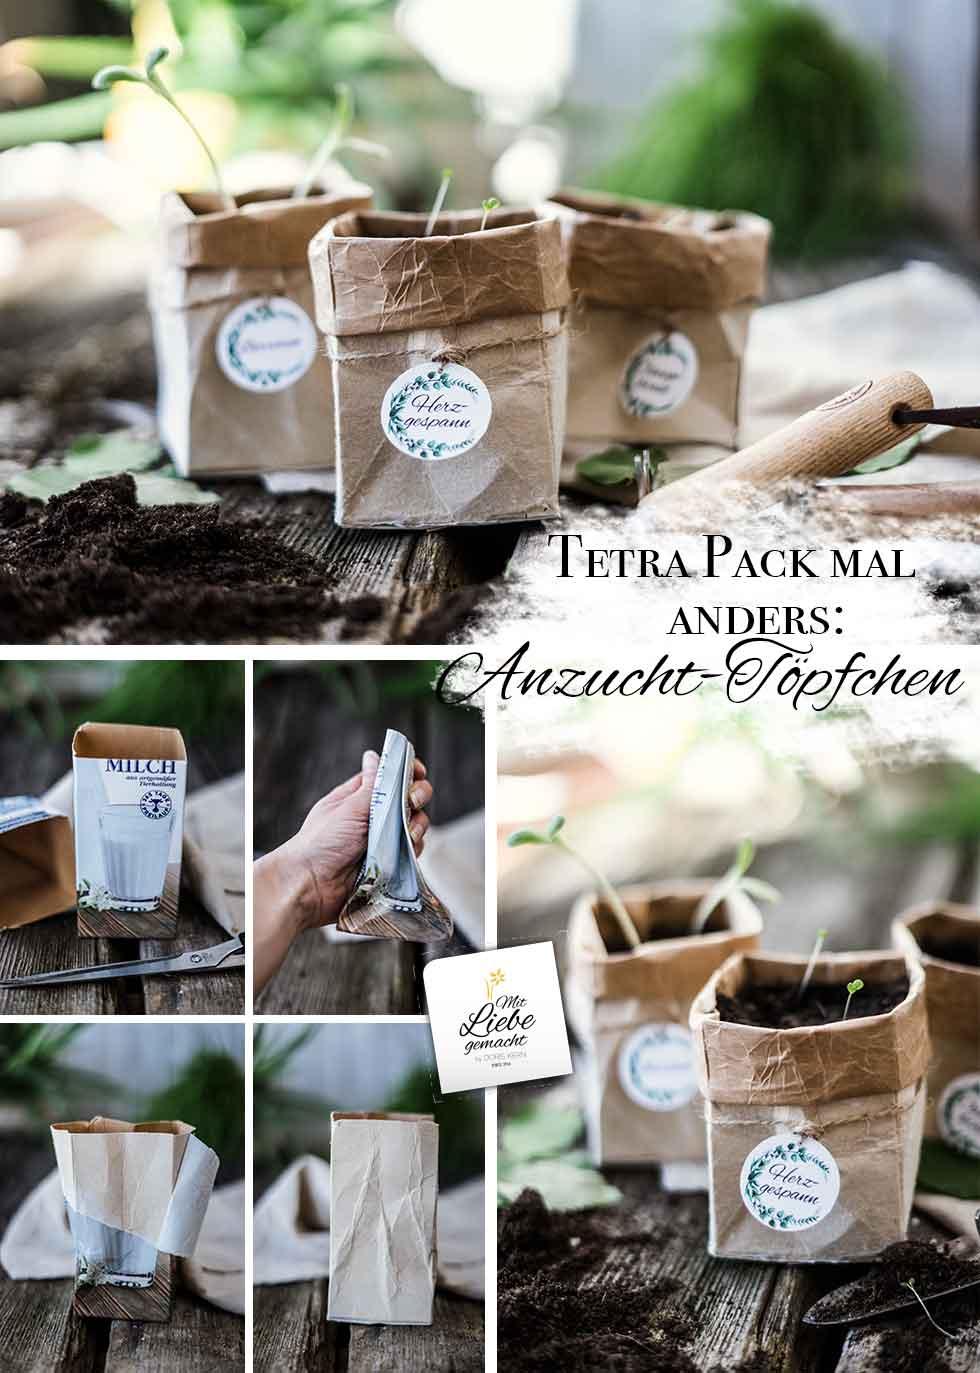 Anzuchttöpfchen aus Tetra Packs